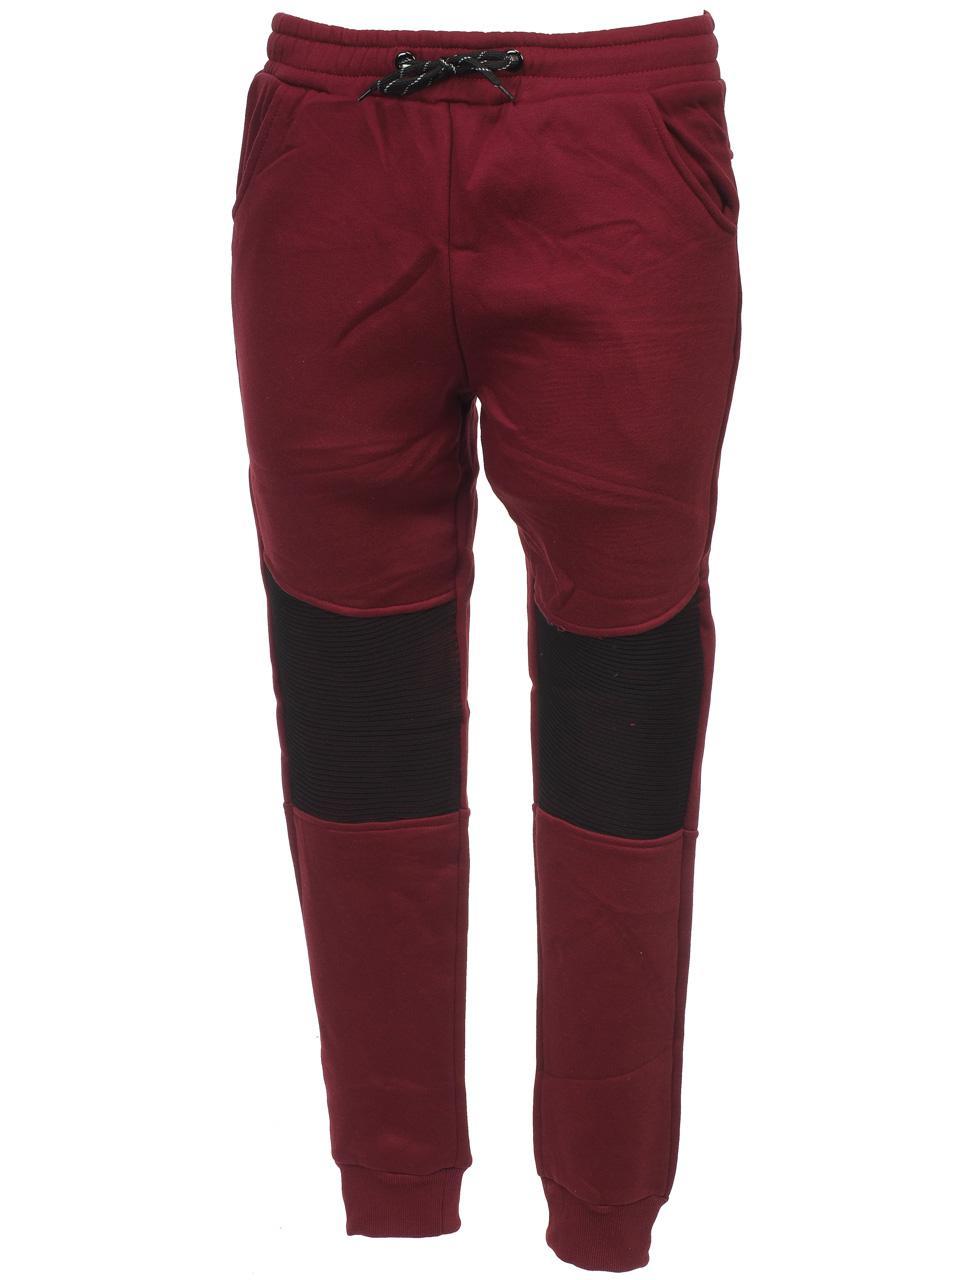 survt bdxnoir Key couture Survetement Rouge west ensemble Hite waYUqzA